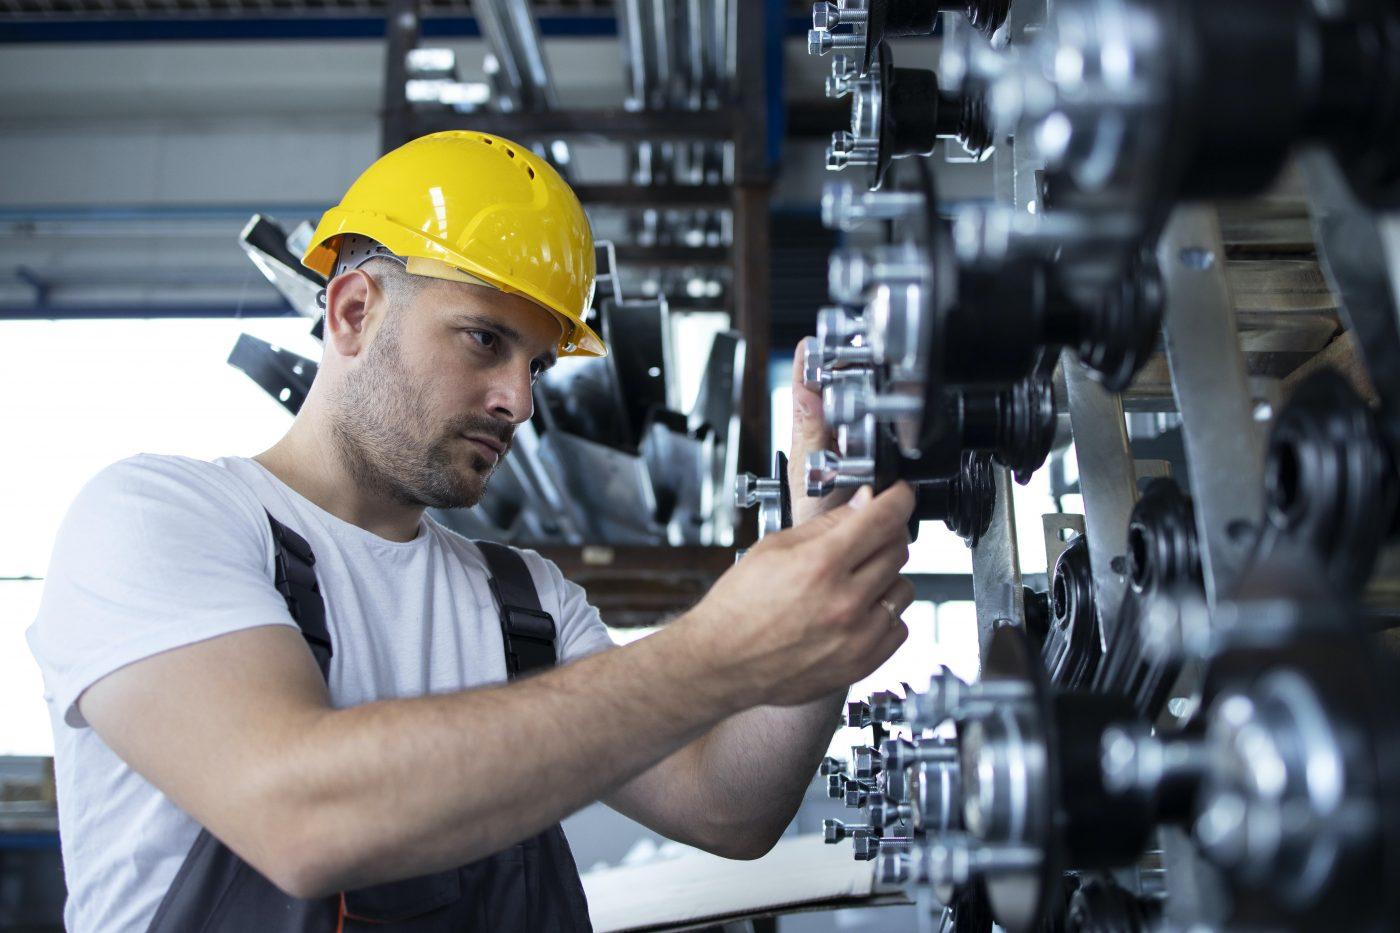 Améliorer l'ergonomie des postes en production avec PRODERGO®